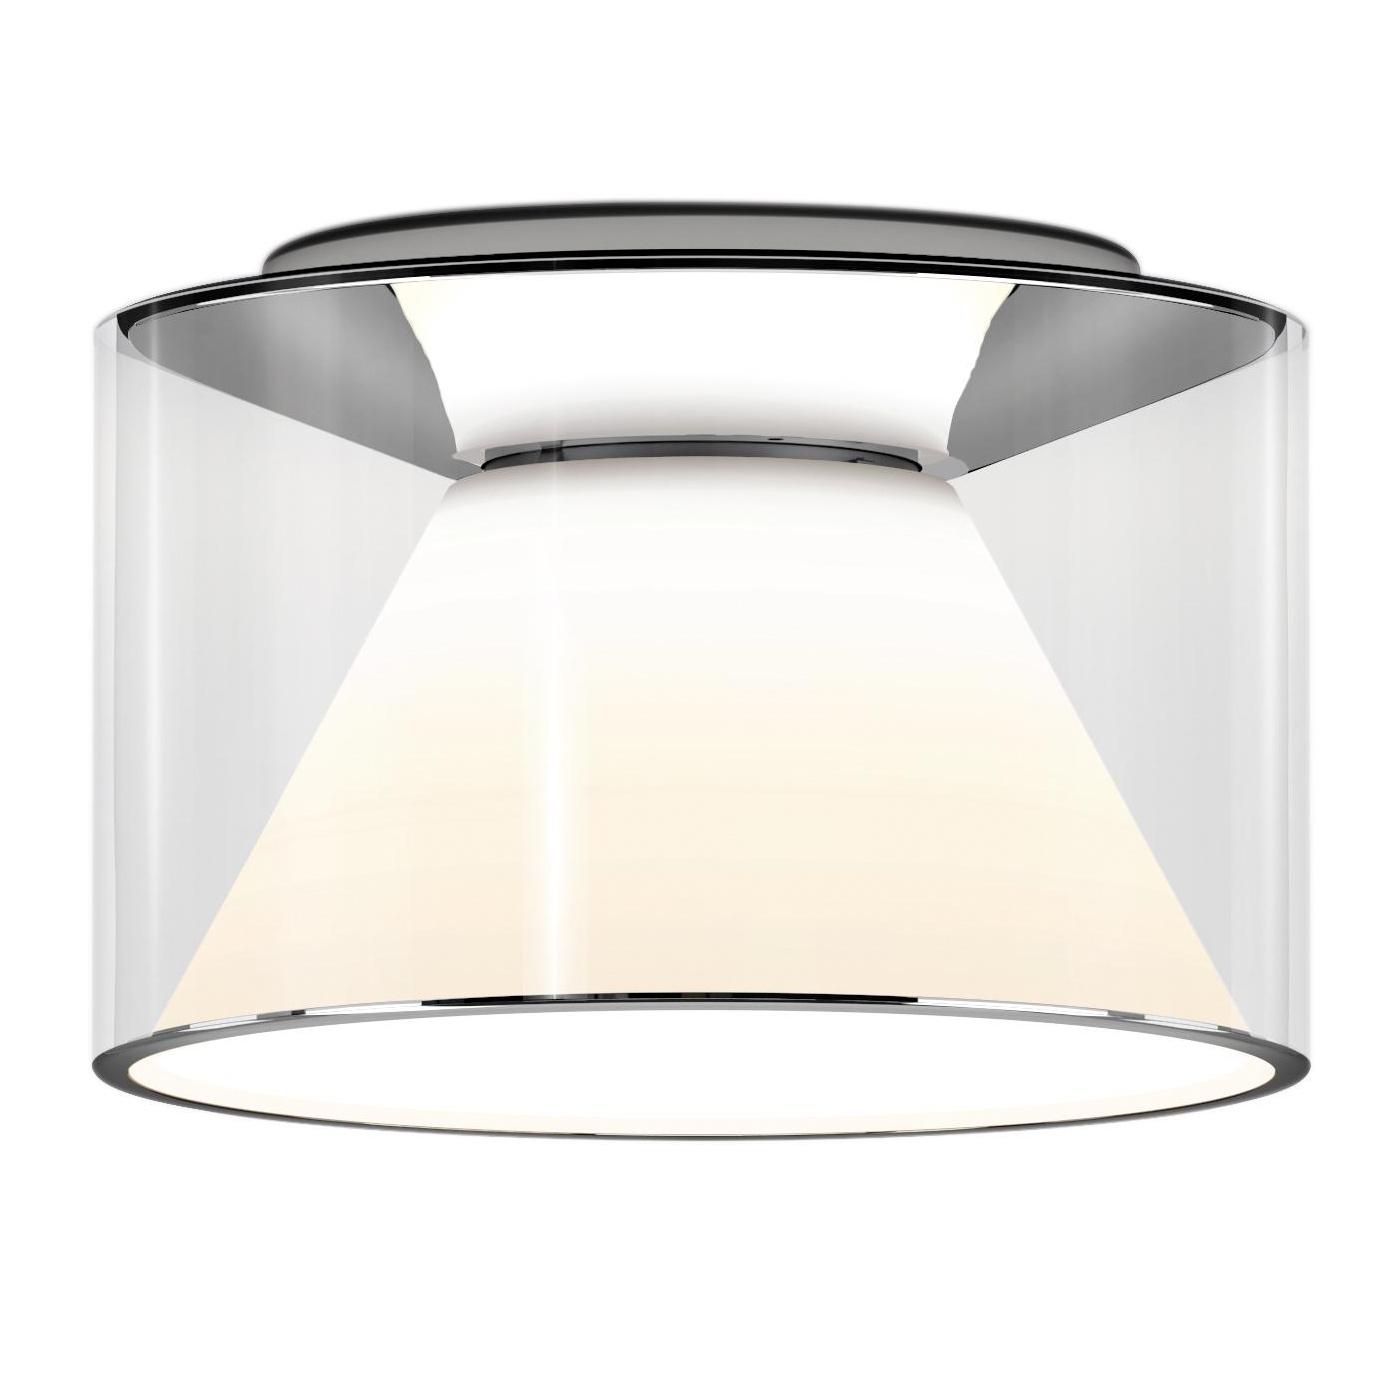 Serien - Drum LED Deckenleuchte M Kurz 2700K - transparent/H 13cm \\ Ø 22cm günstig online kaufen